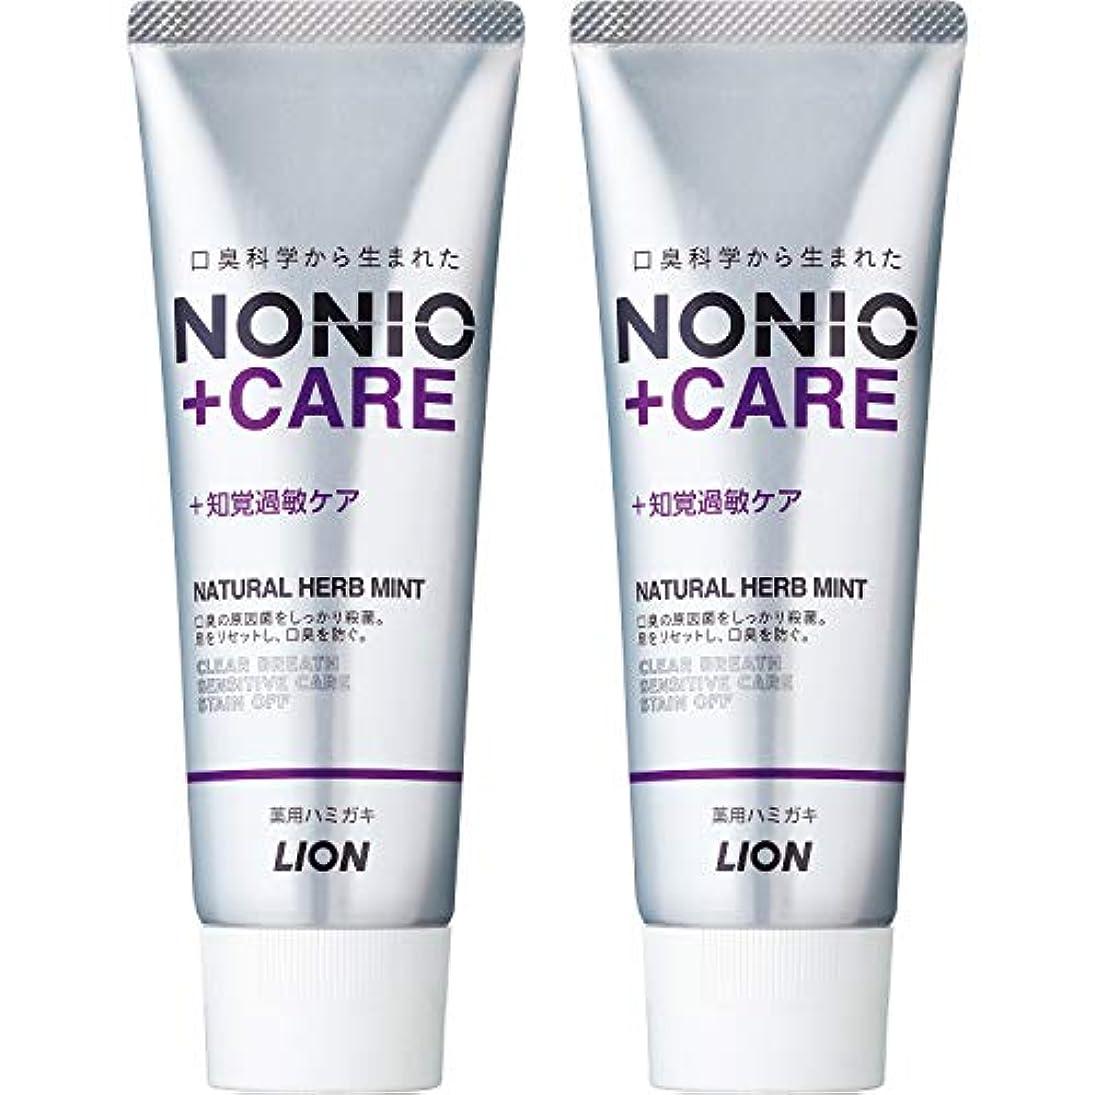 治療動的緩めるNONIO(ノニオ) NONIOプラス ハミガキ 知覚過敏ケア ハミガキ 130g×2 2個